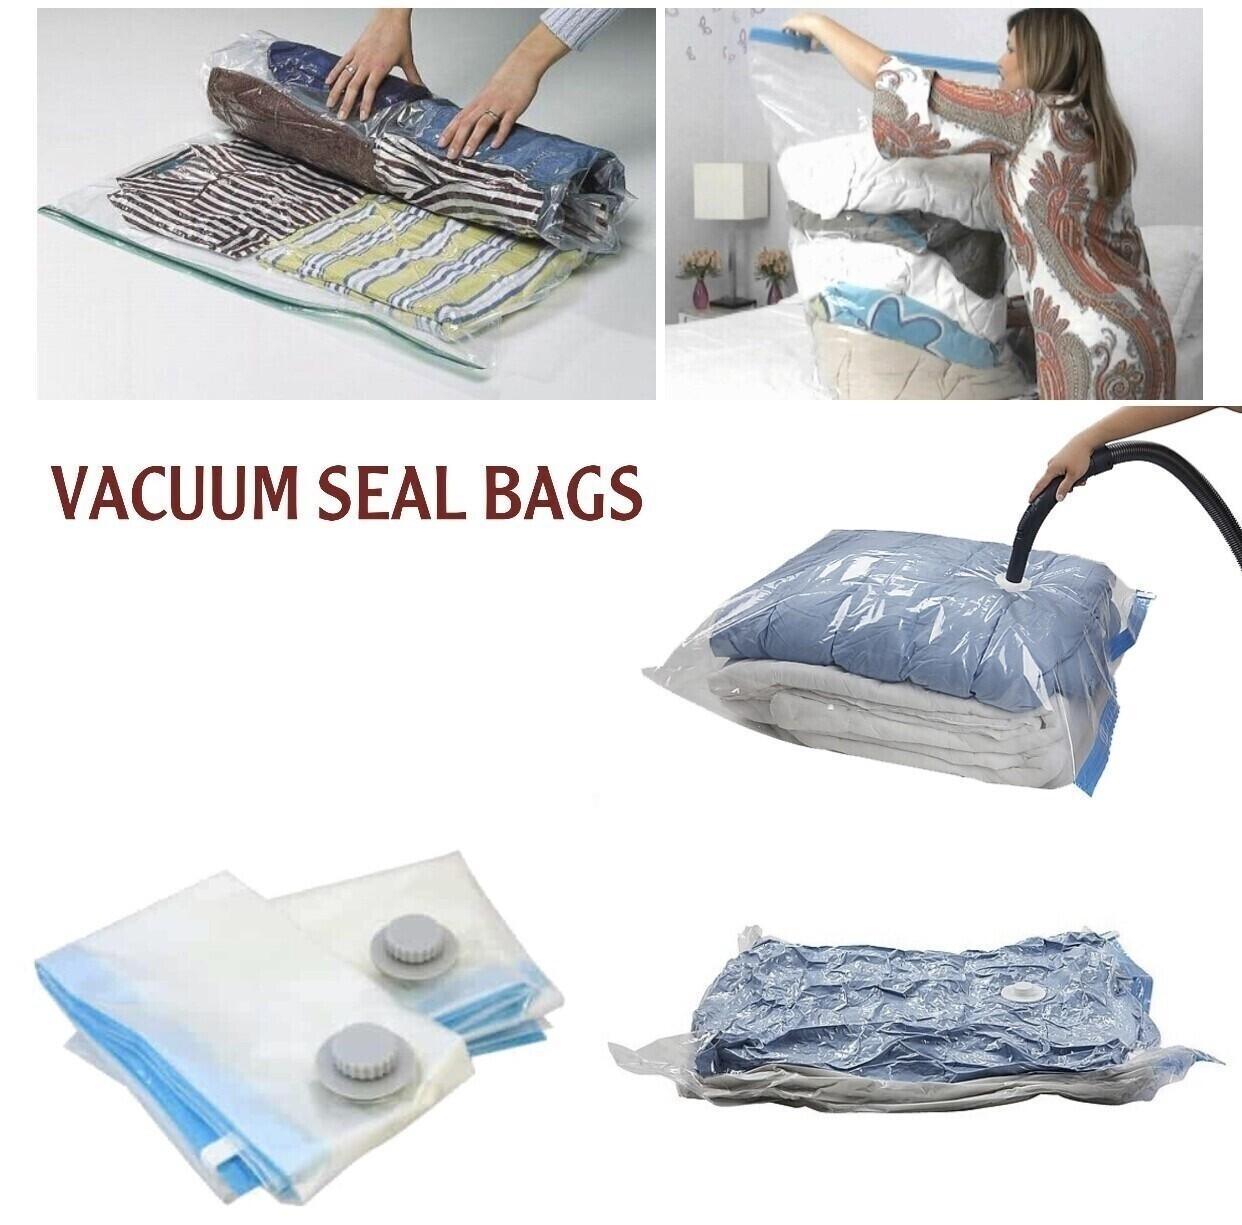 Vacuum Seal Bags